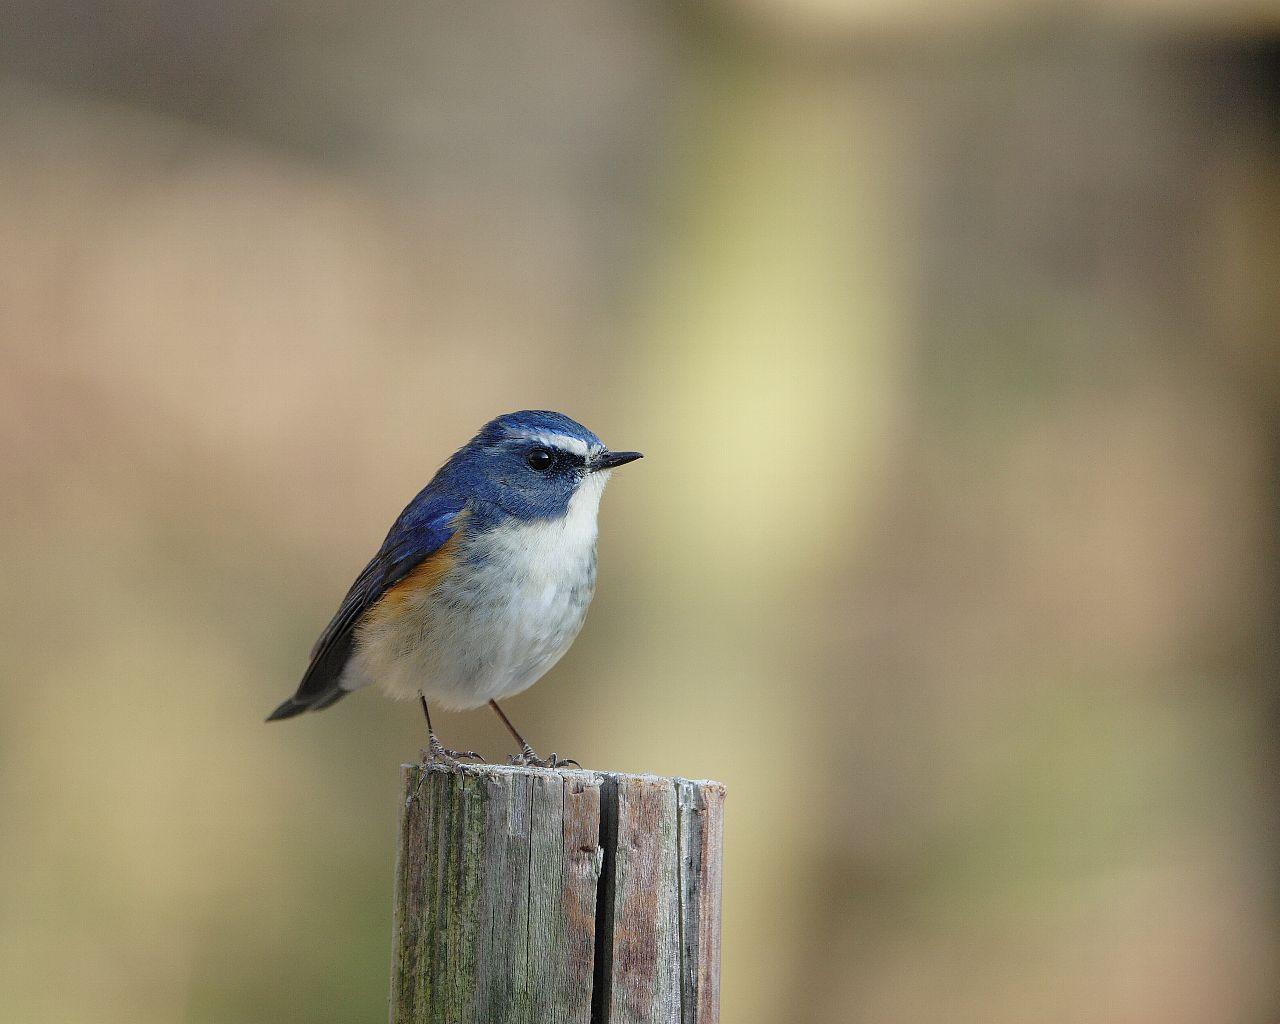 幸福の青い鳥(日本で一番美しい?可愛い野鳥の壁紙)_f0105570_2231999.jpg